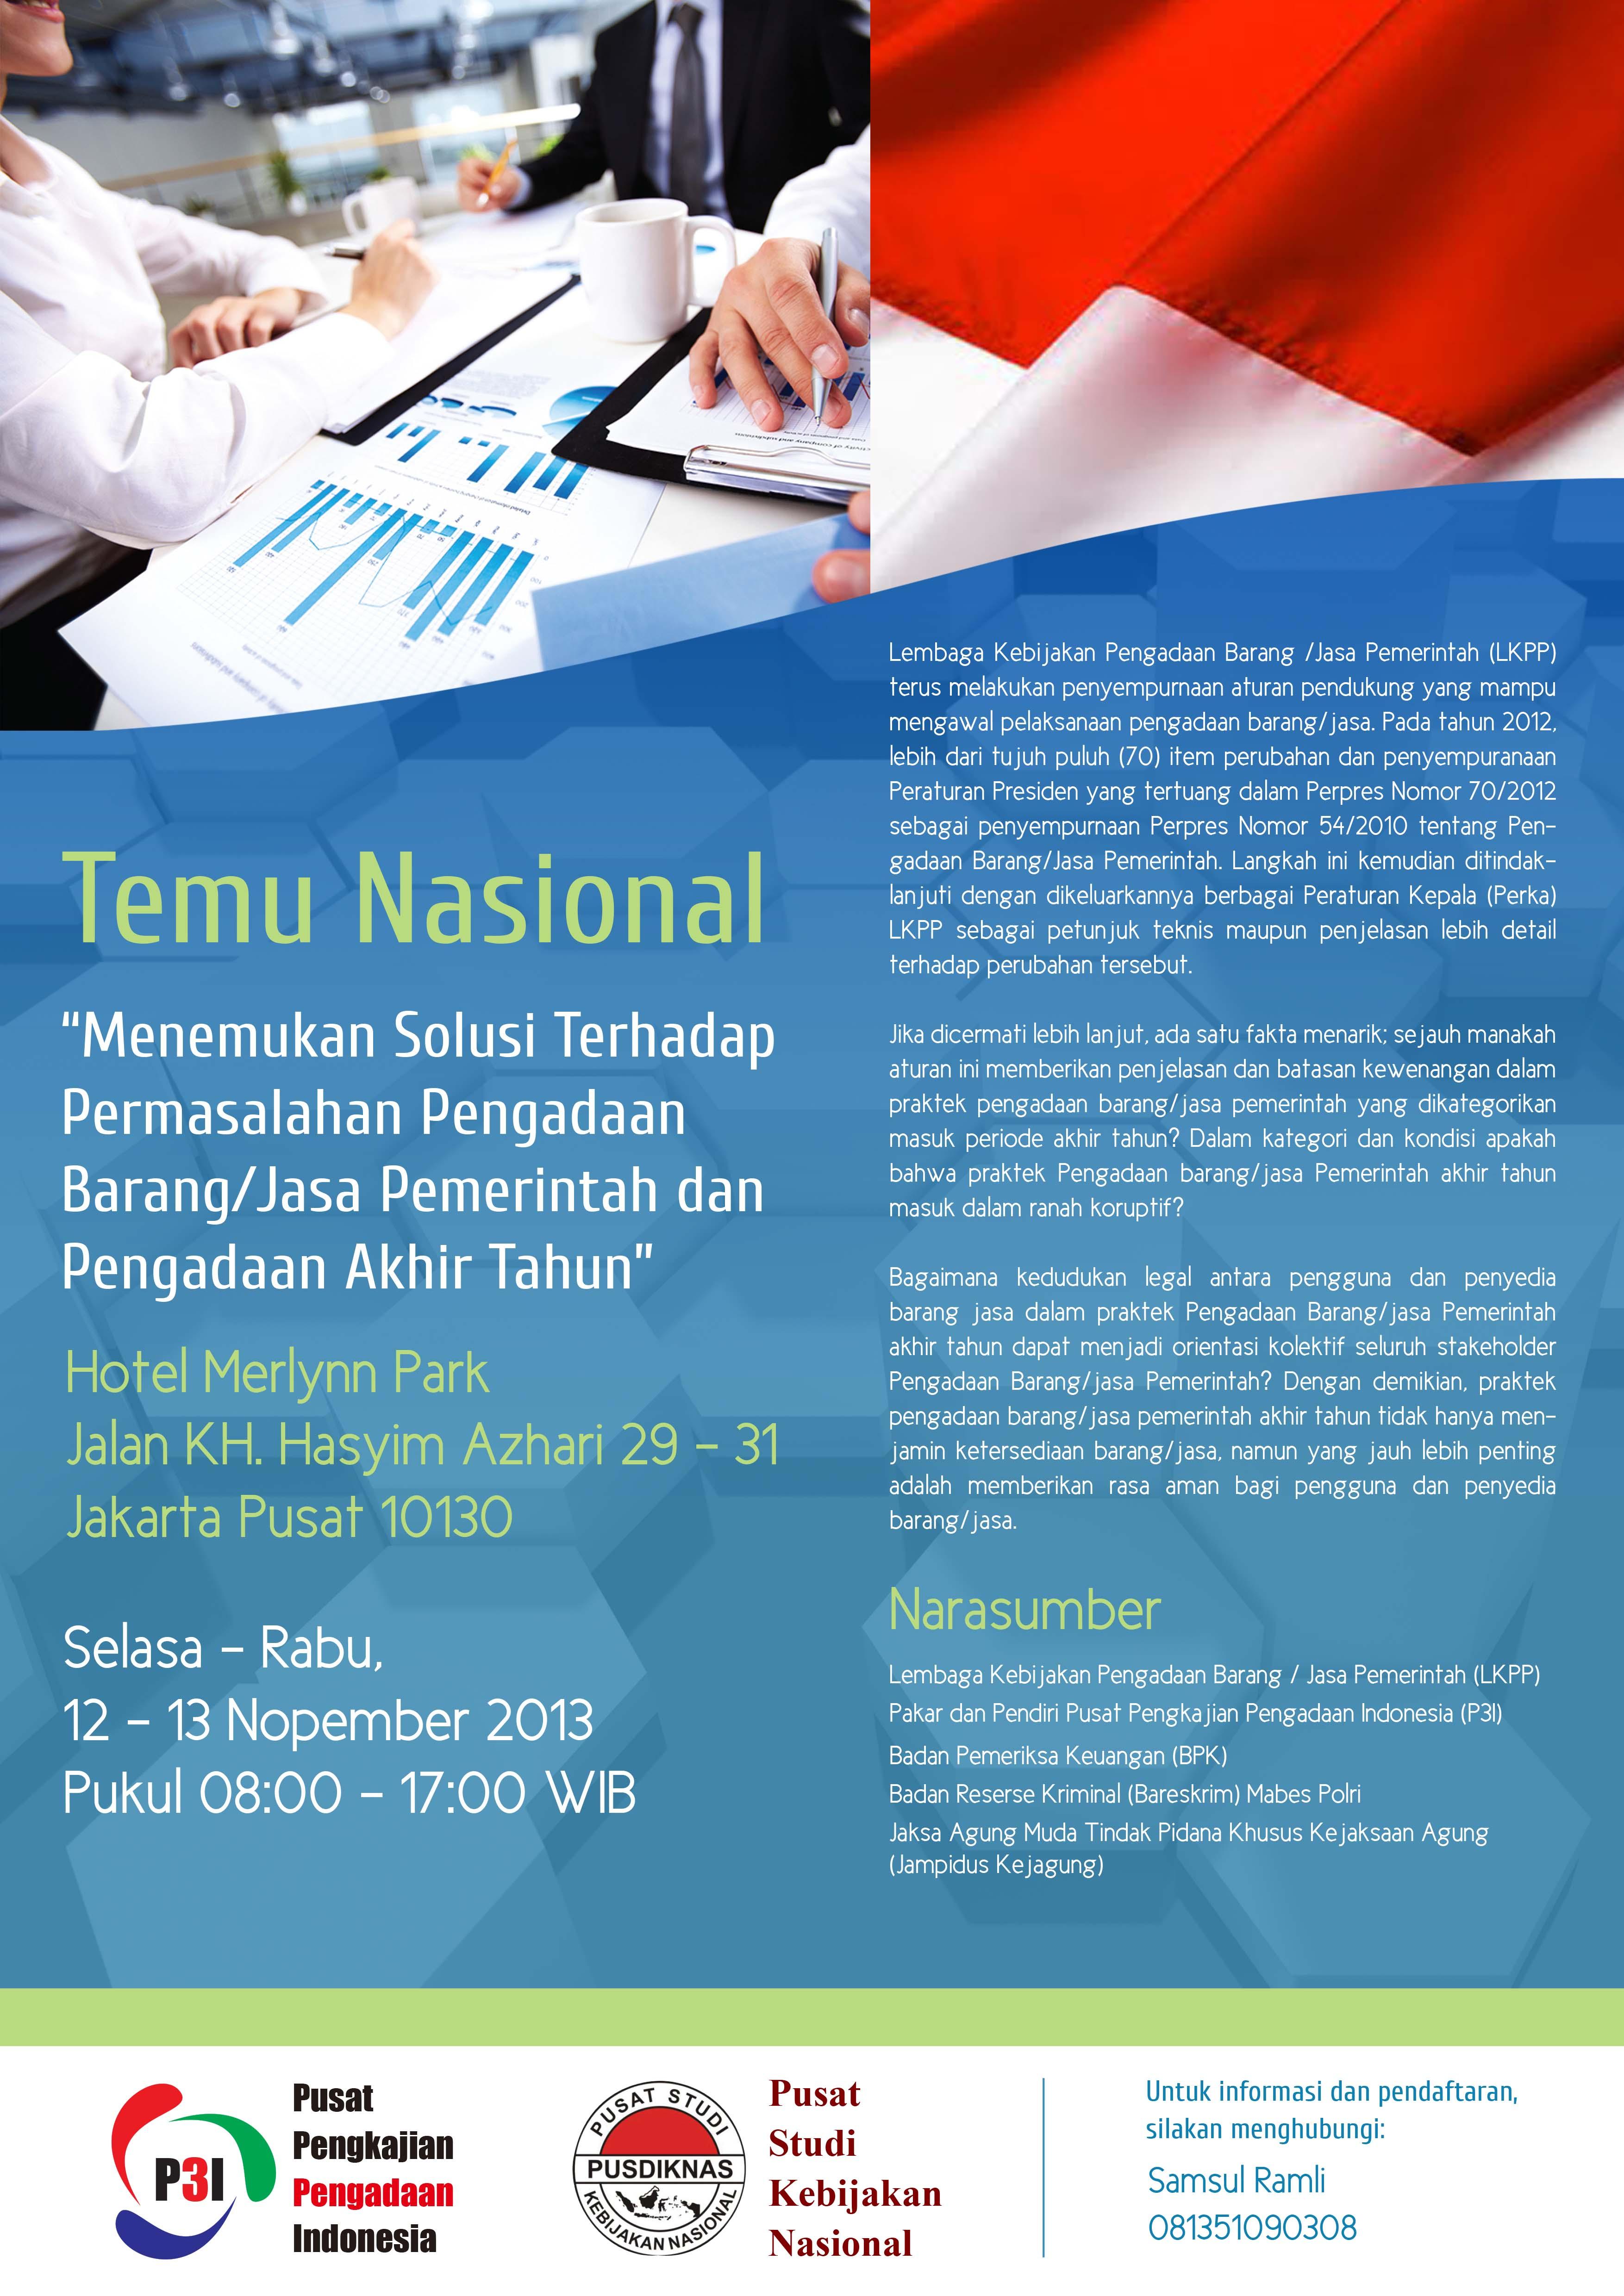 Temu Nasional Pengadaan Barang/Jasa Pemerintah di Jakarta